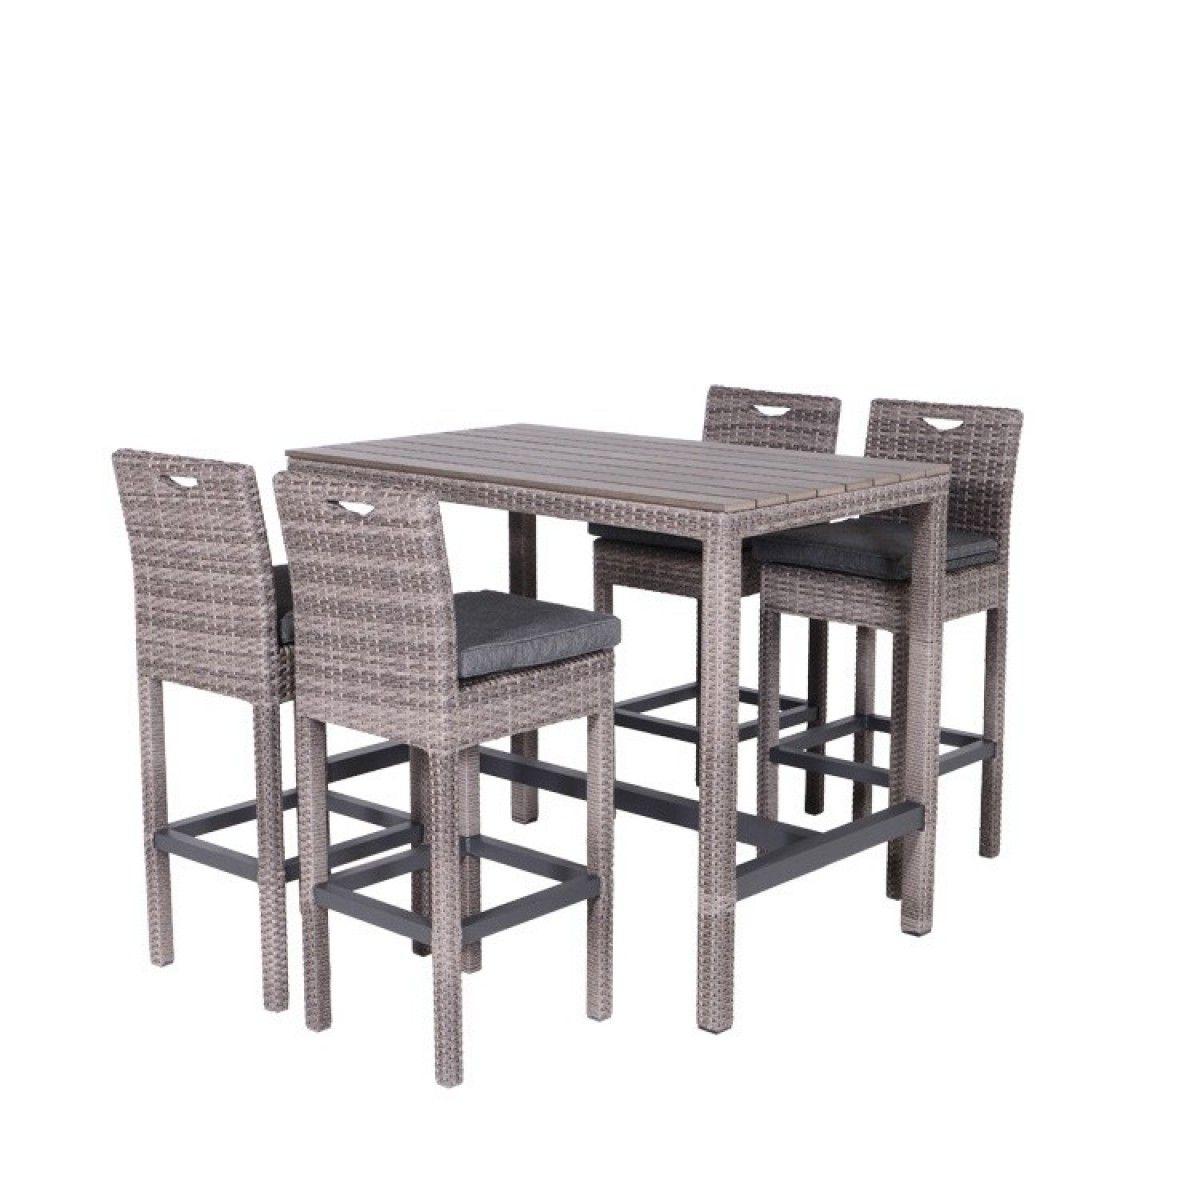 polyrattan loungem bel bistro bar sitzgruppe paddy gardenimpressions lounge dining sets. Black Bedroom Furniture Sets. Home Design Ideas